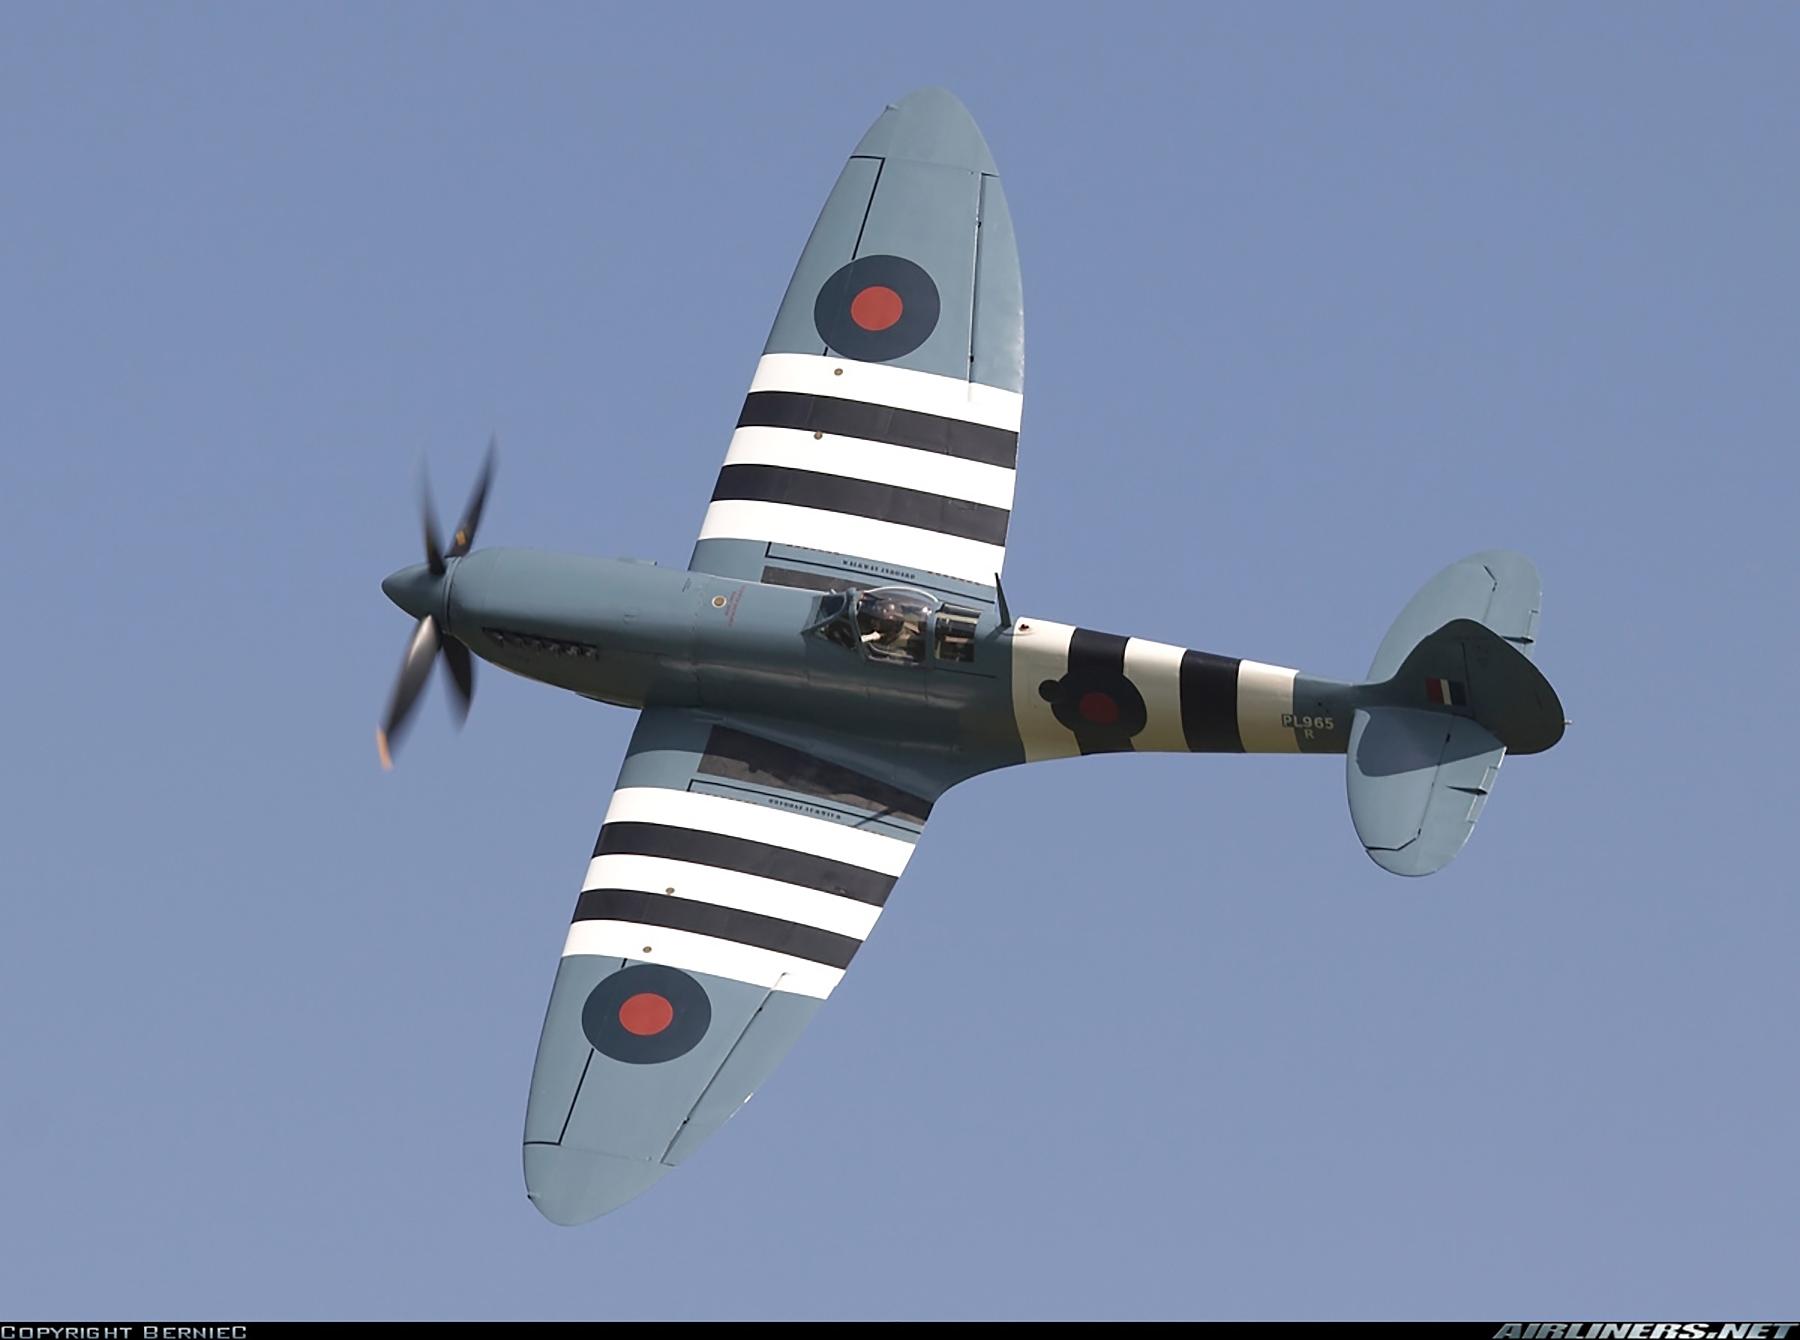 Airworthy Spitfire warbird PRXI RAF 16Sqn R PL965 26